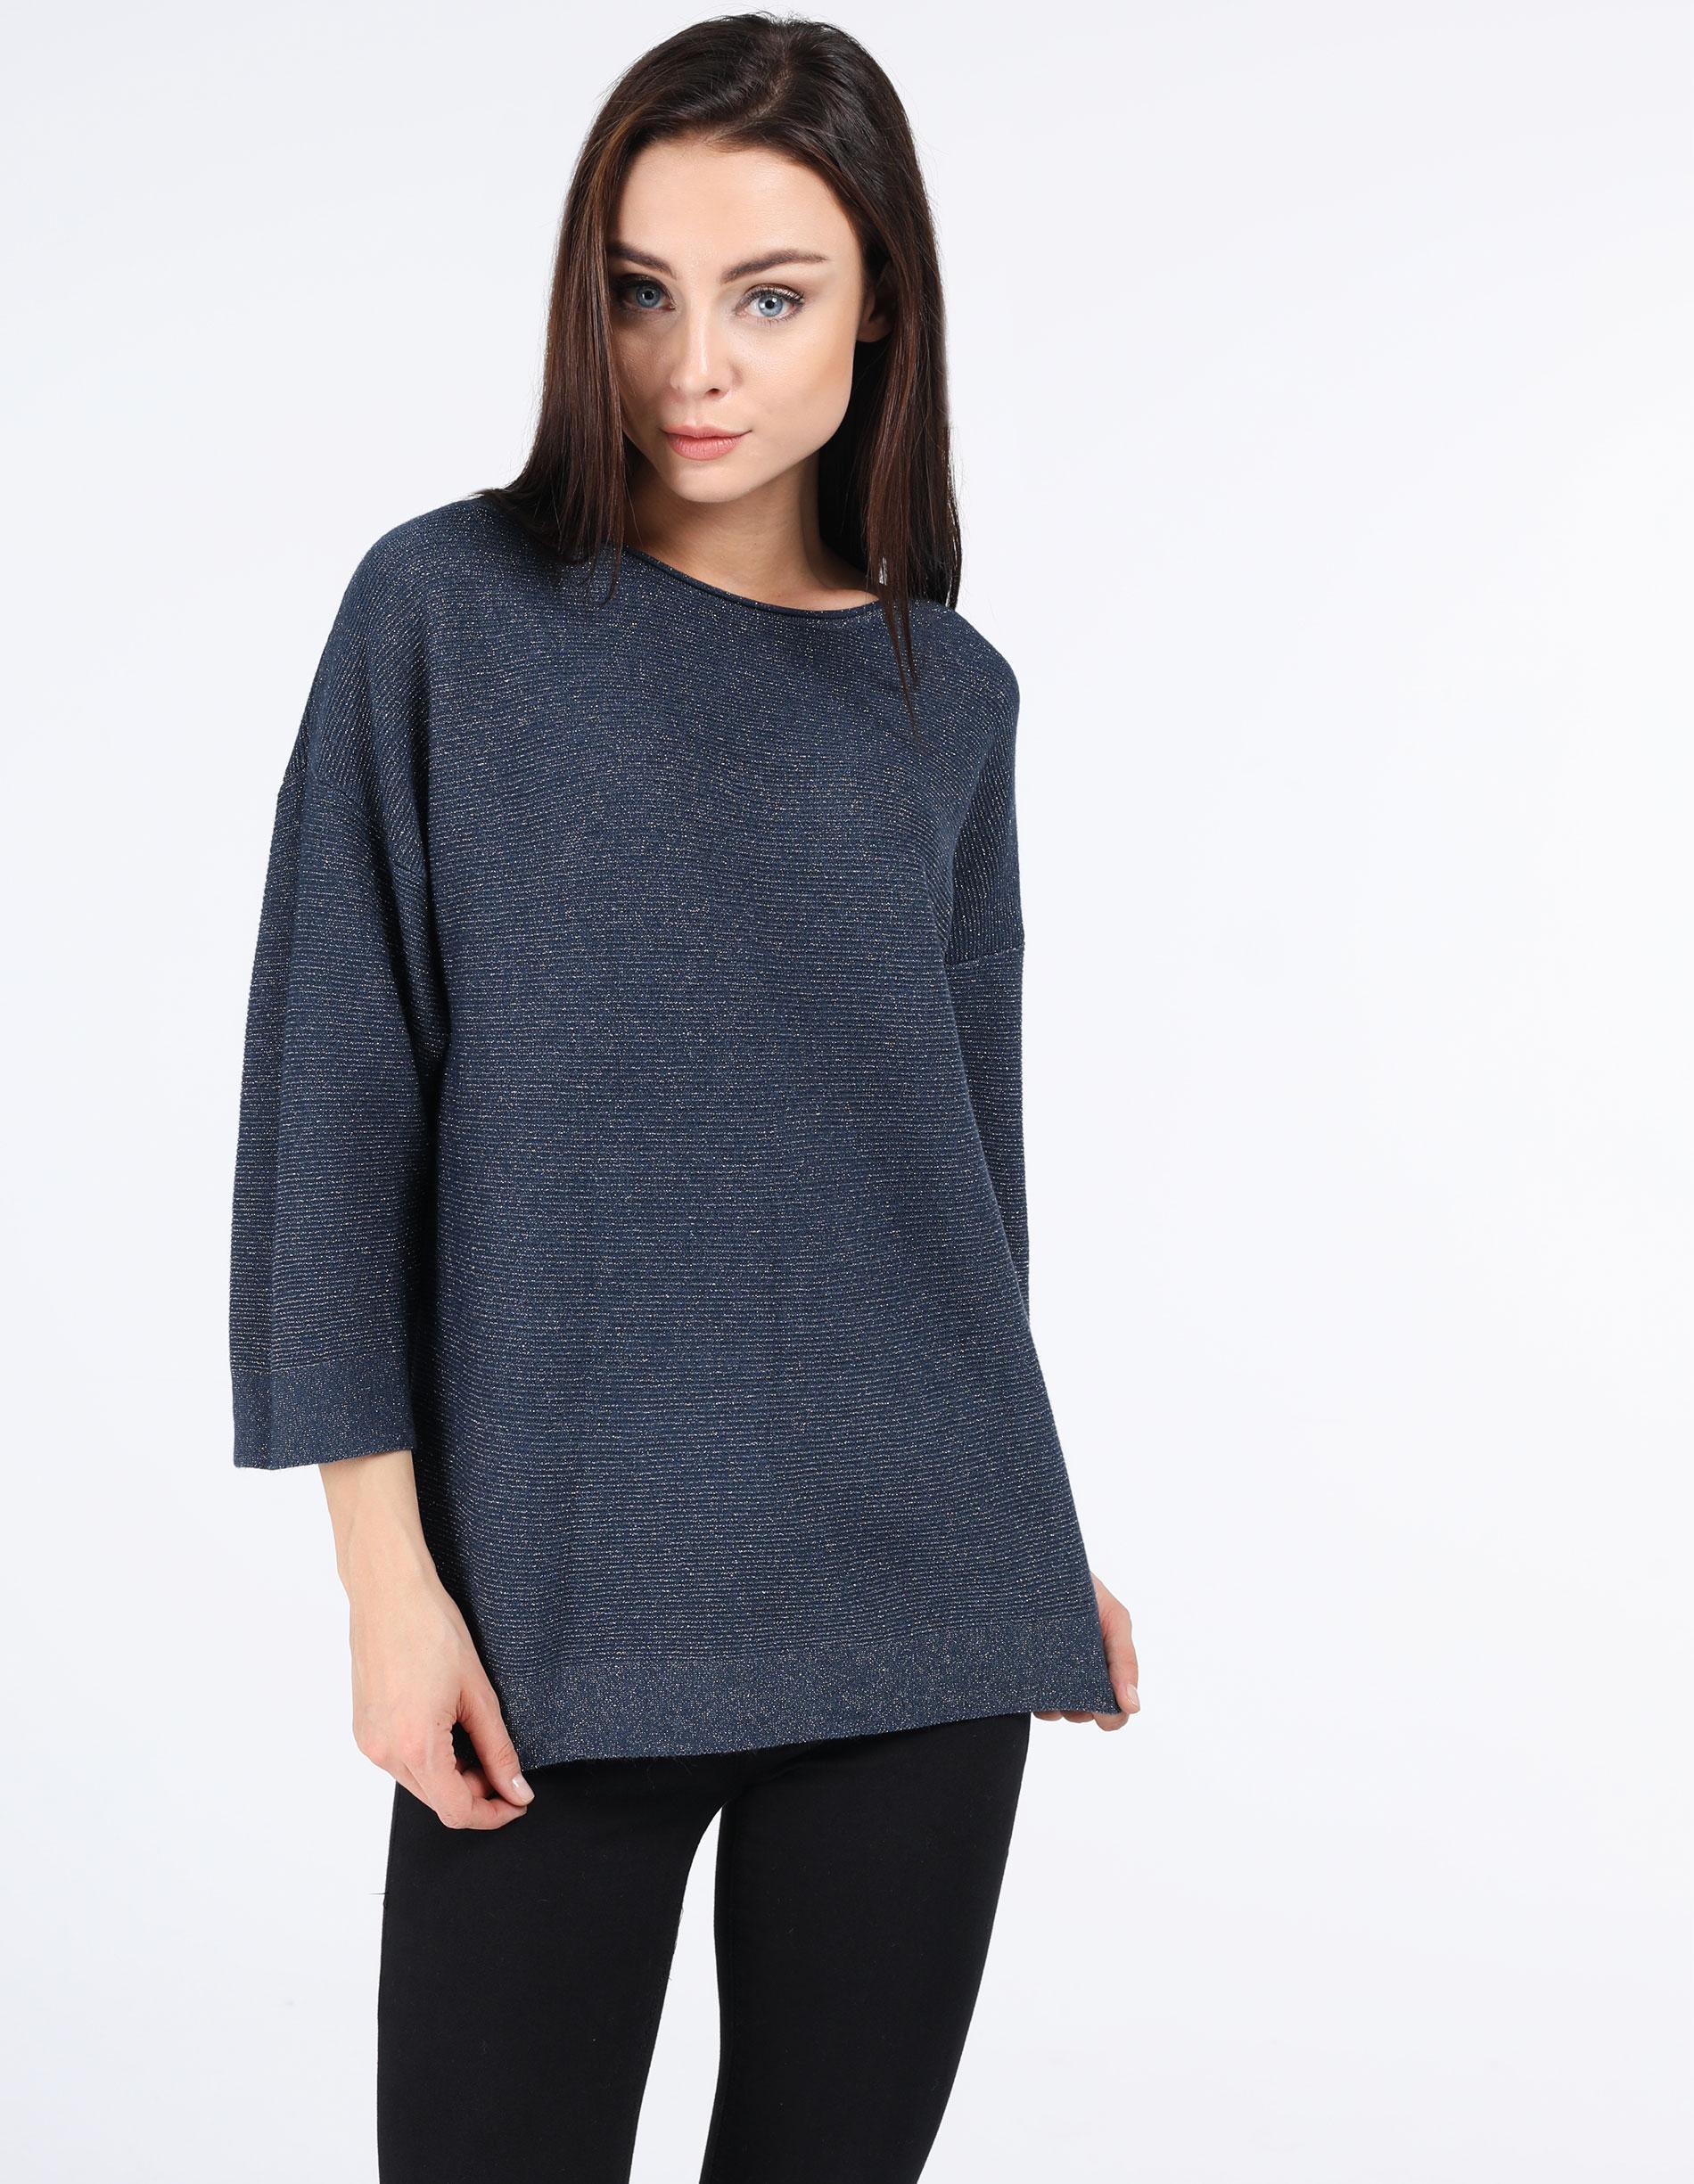 Sweter - 153-17271 BLU - Unisono